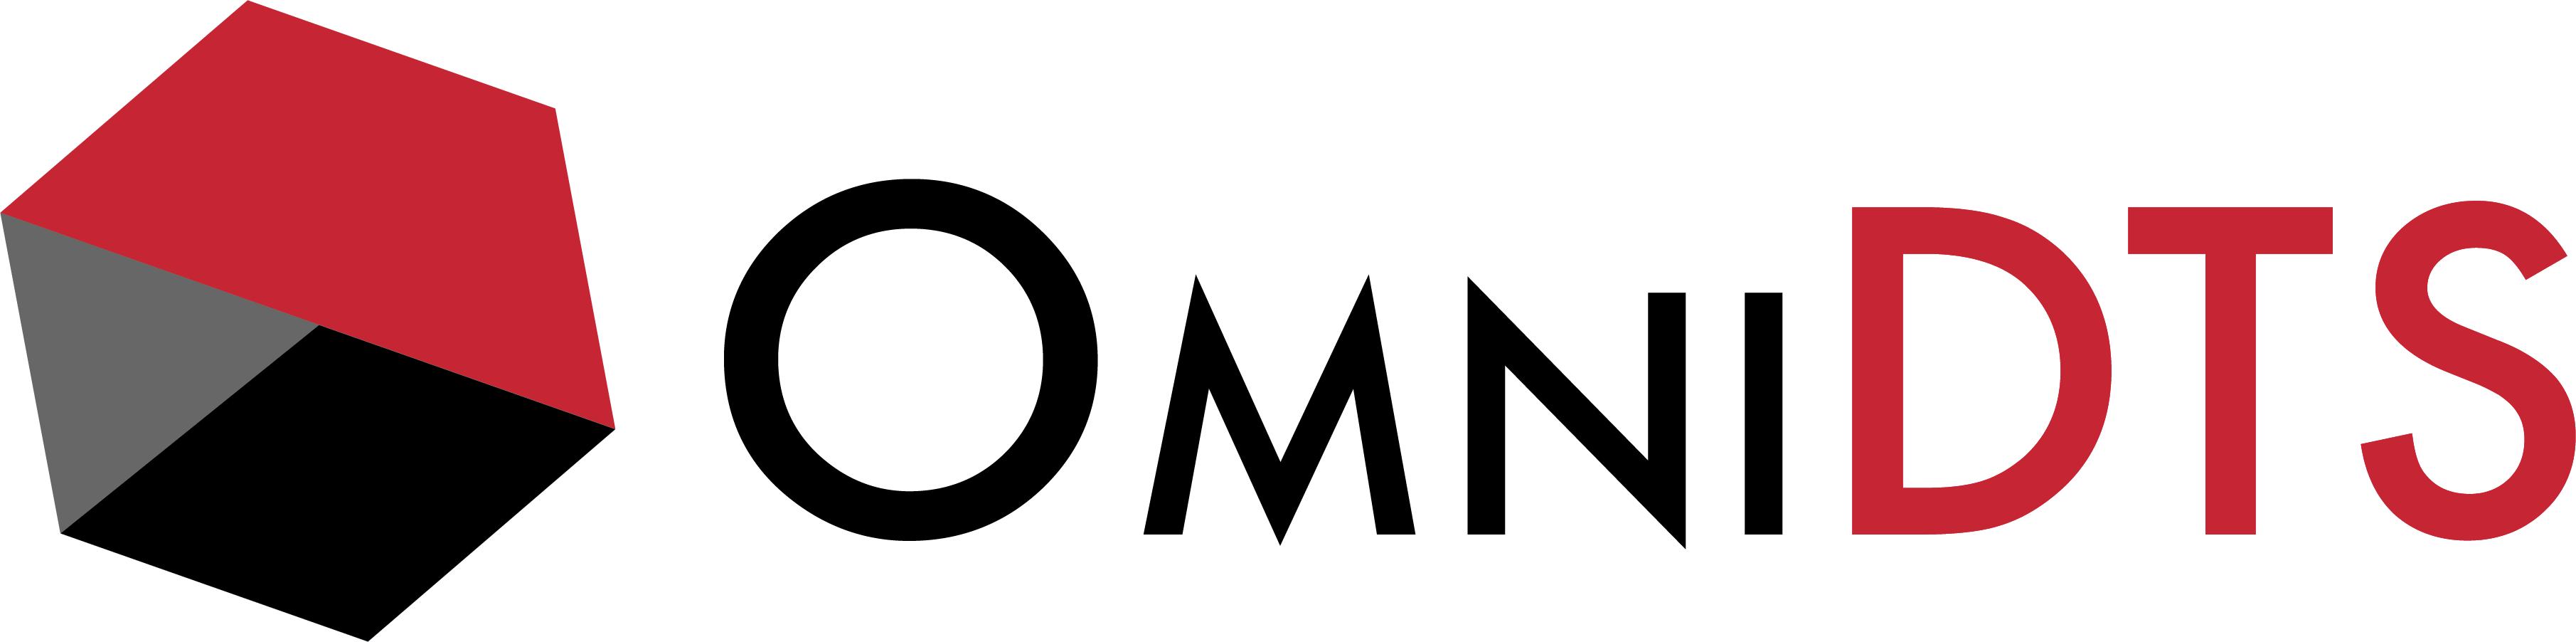 OmniDTS, LLC bringt die PRO.FILE PLM/DMS<sup>tec</sup>-Anwendungen und Lösungen für die digitale Transformation auf den nordamerikanischen Markt